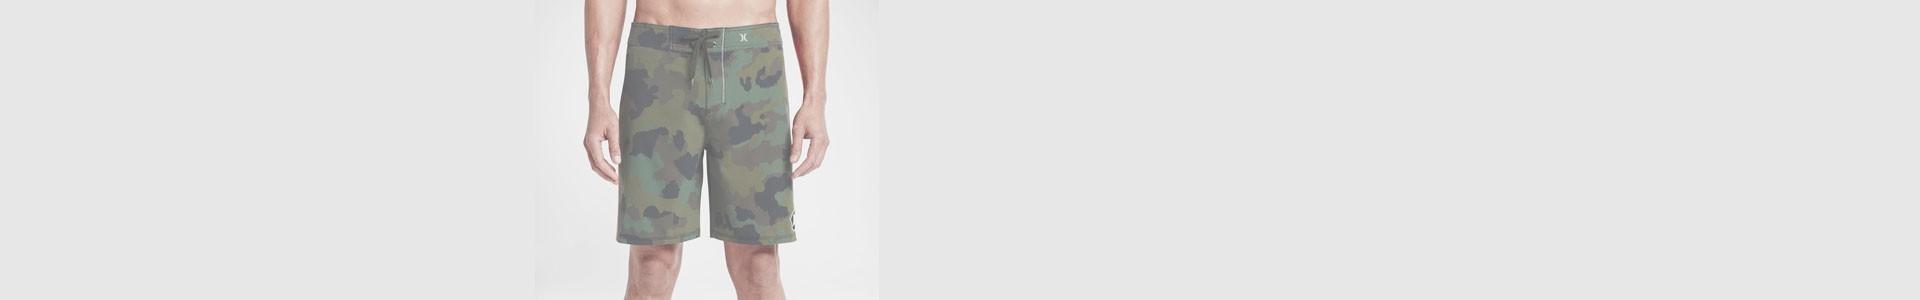 Maillot de bain pour Homme en ligne | Achetez sur AnyGivenSunday.Shop